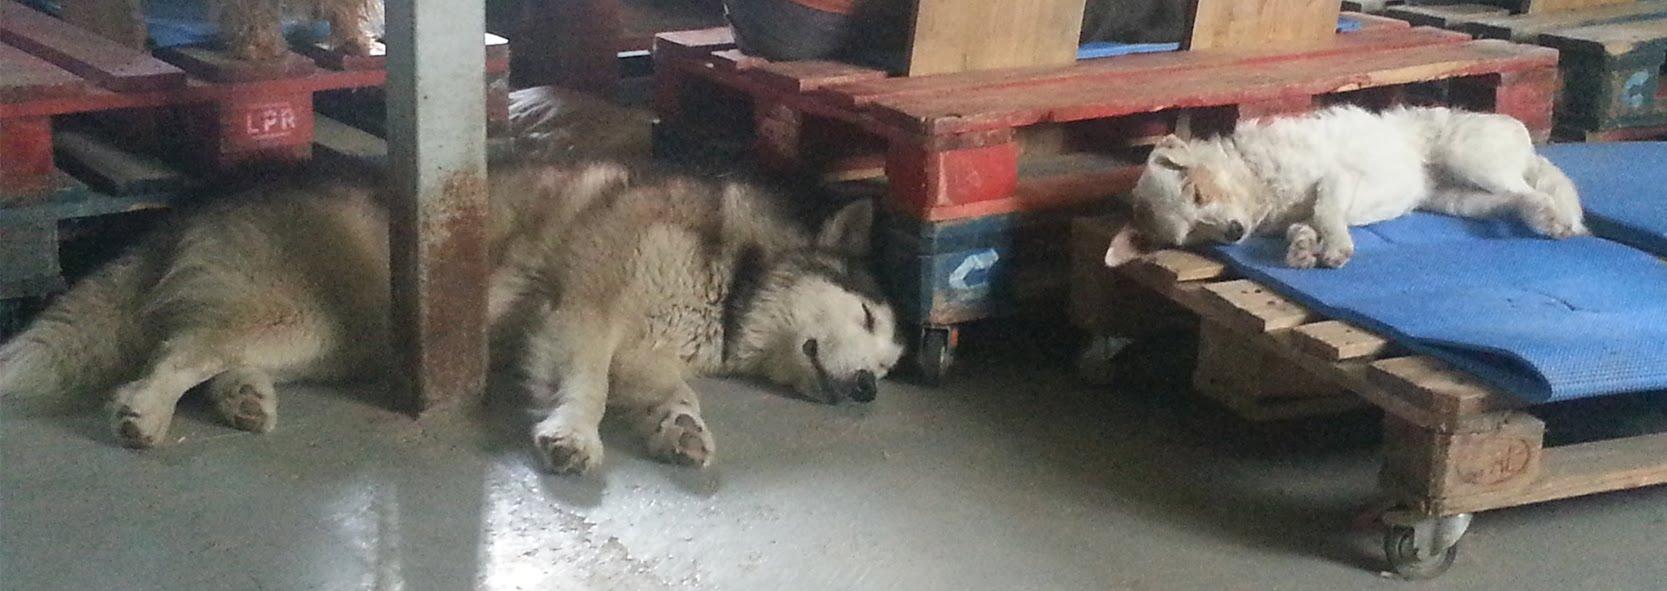 dos perros dormidos adiestrador san sebastian